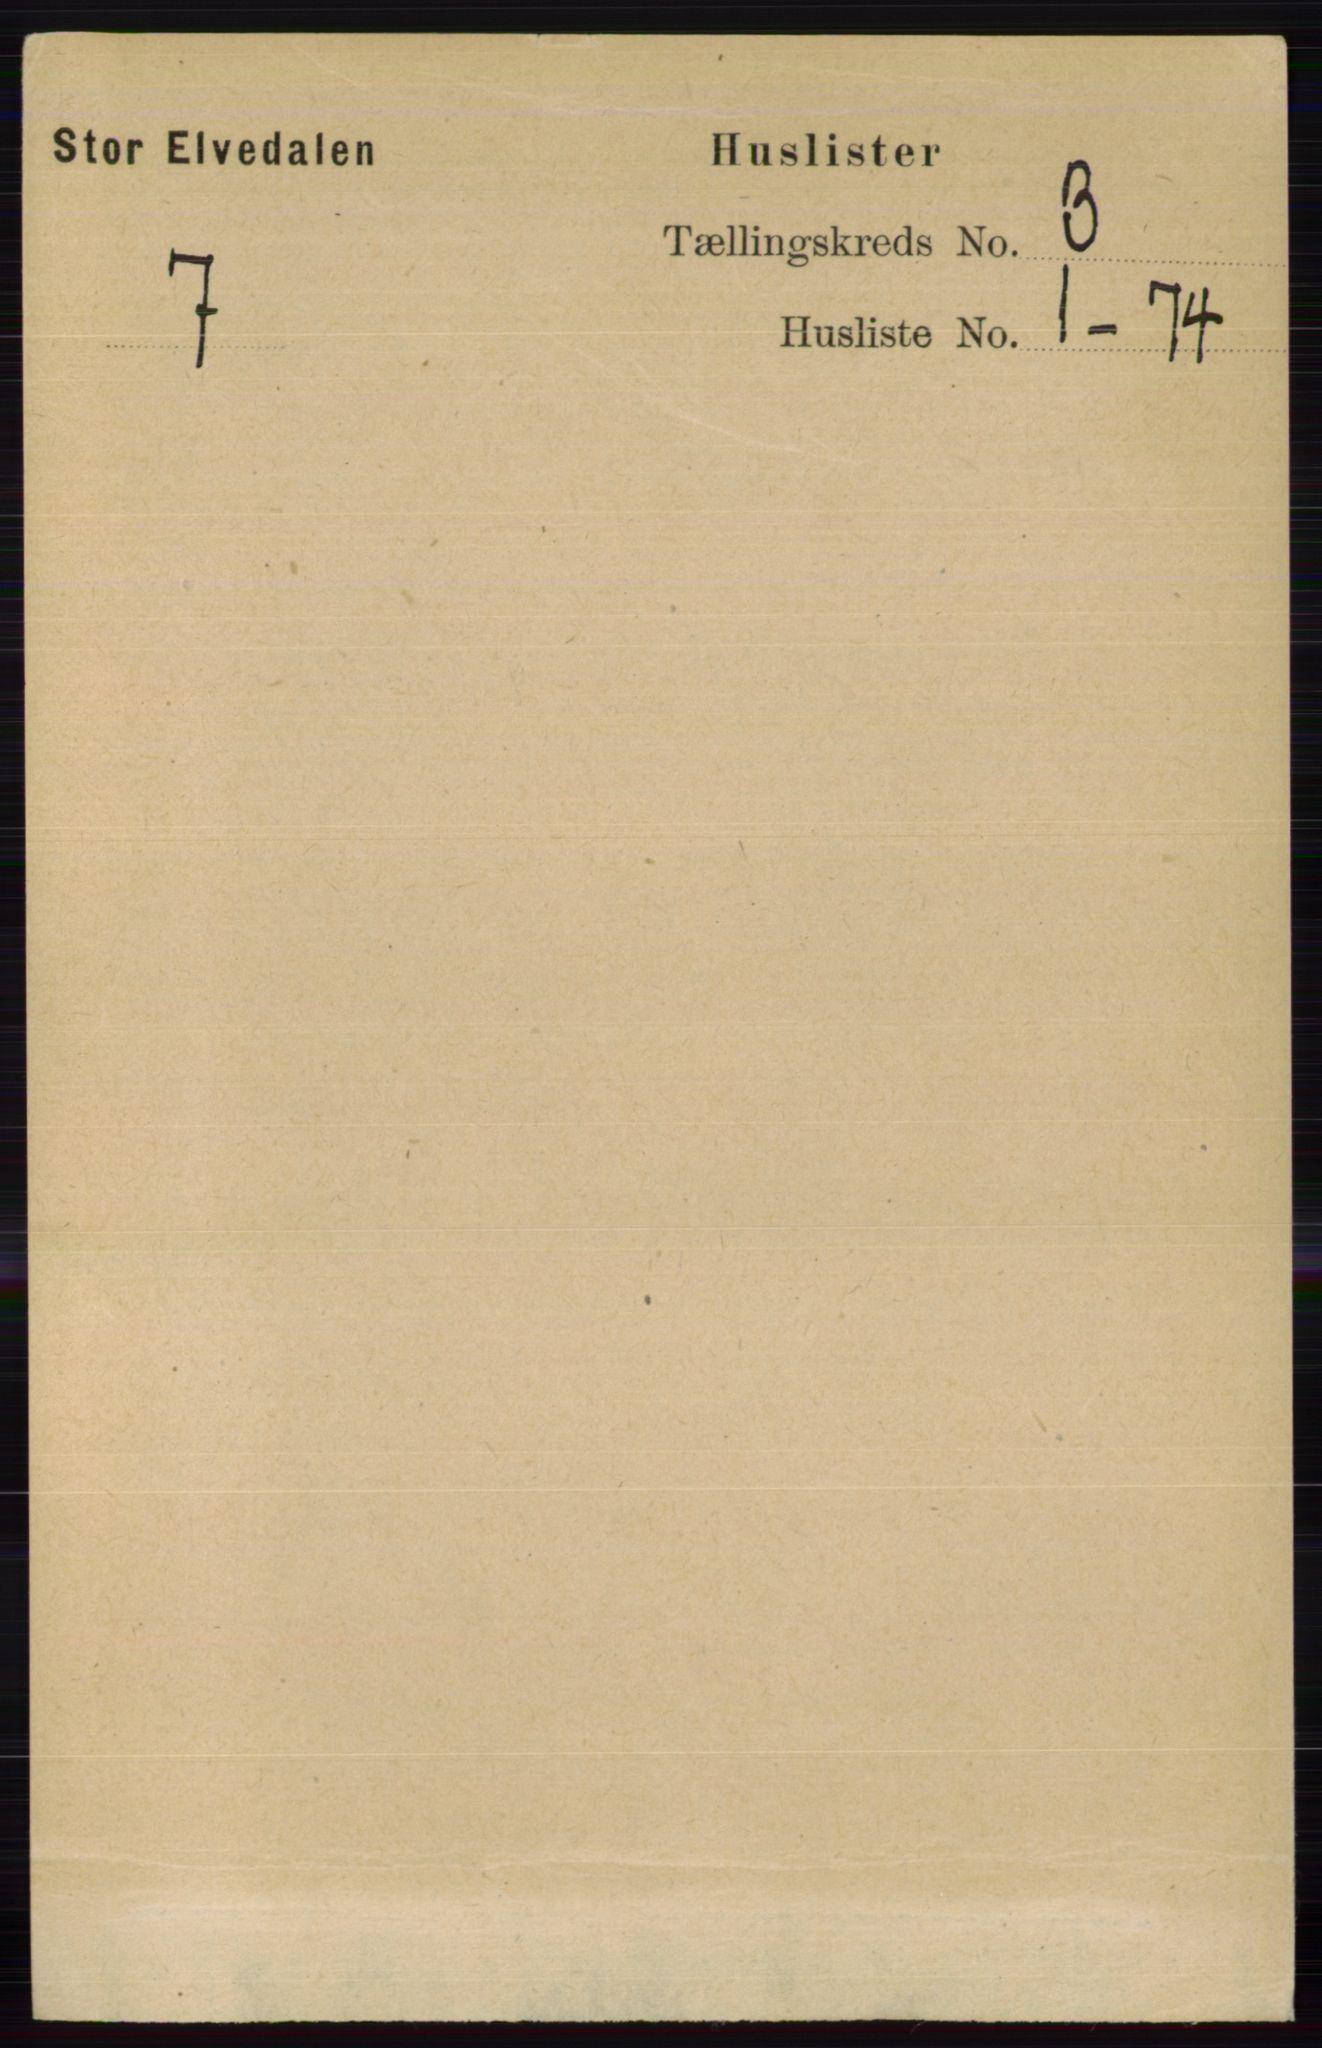 RA, Folketelling 1891 for 0430 Stor-Elvdal herred, 1891, s. 761